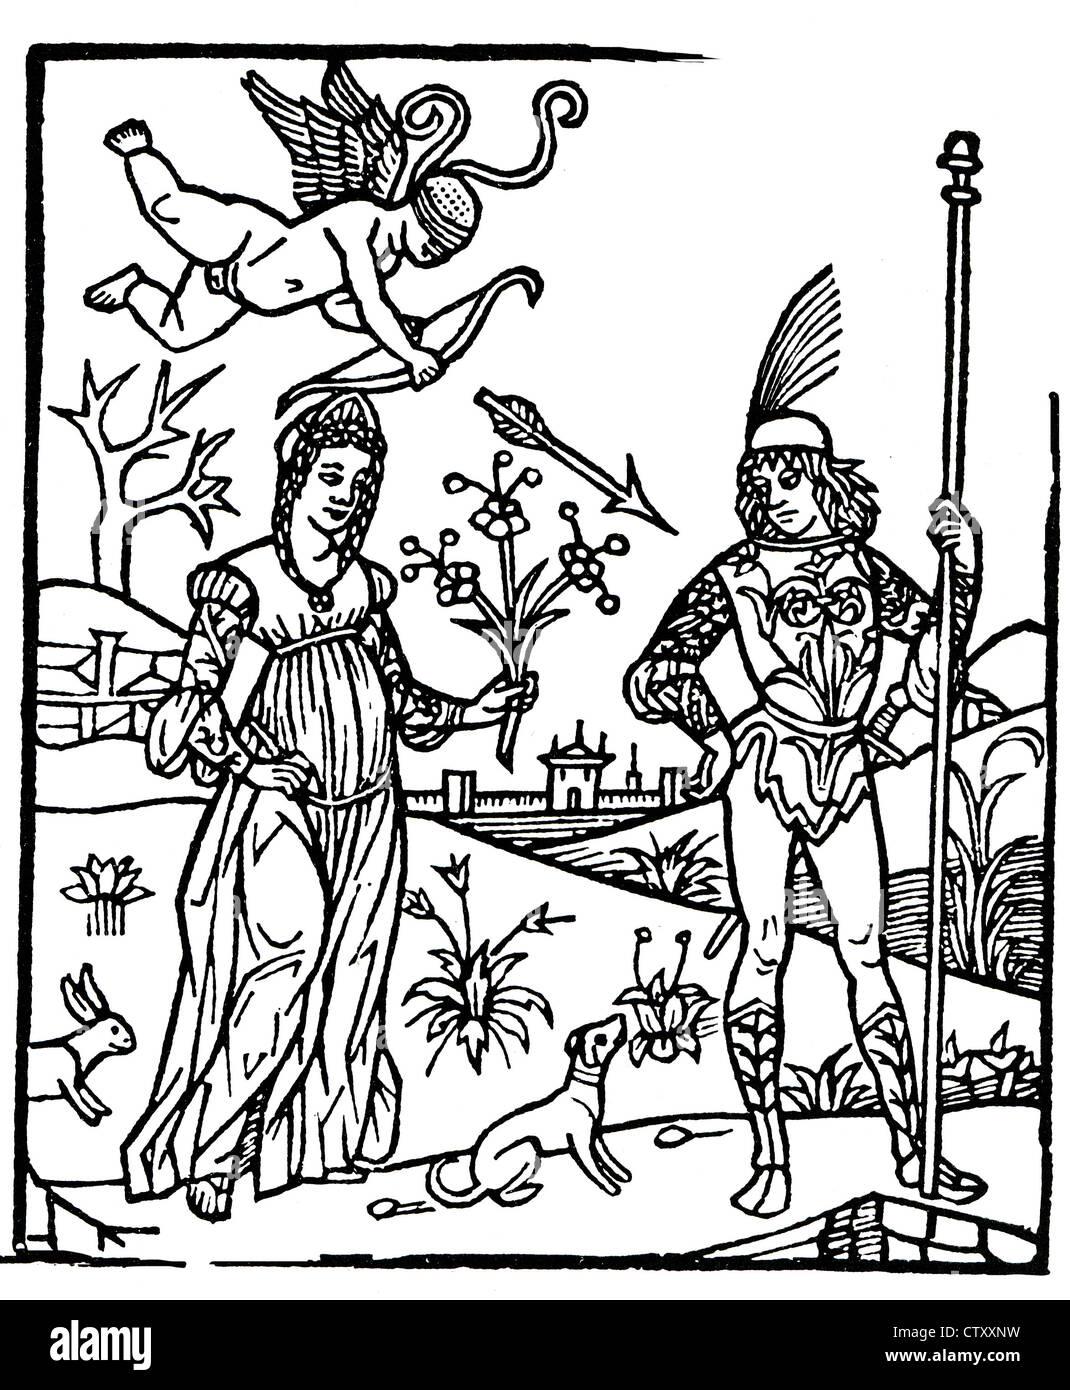 Dois amantes em um italiano xilogravura sobre 1500 Imagens de Stock